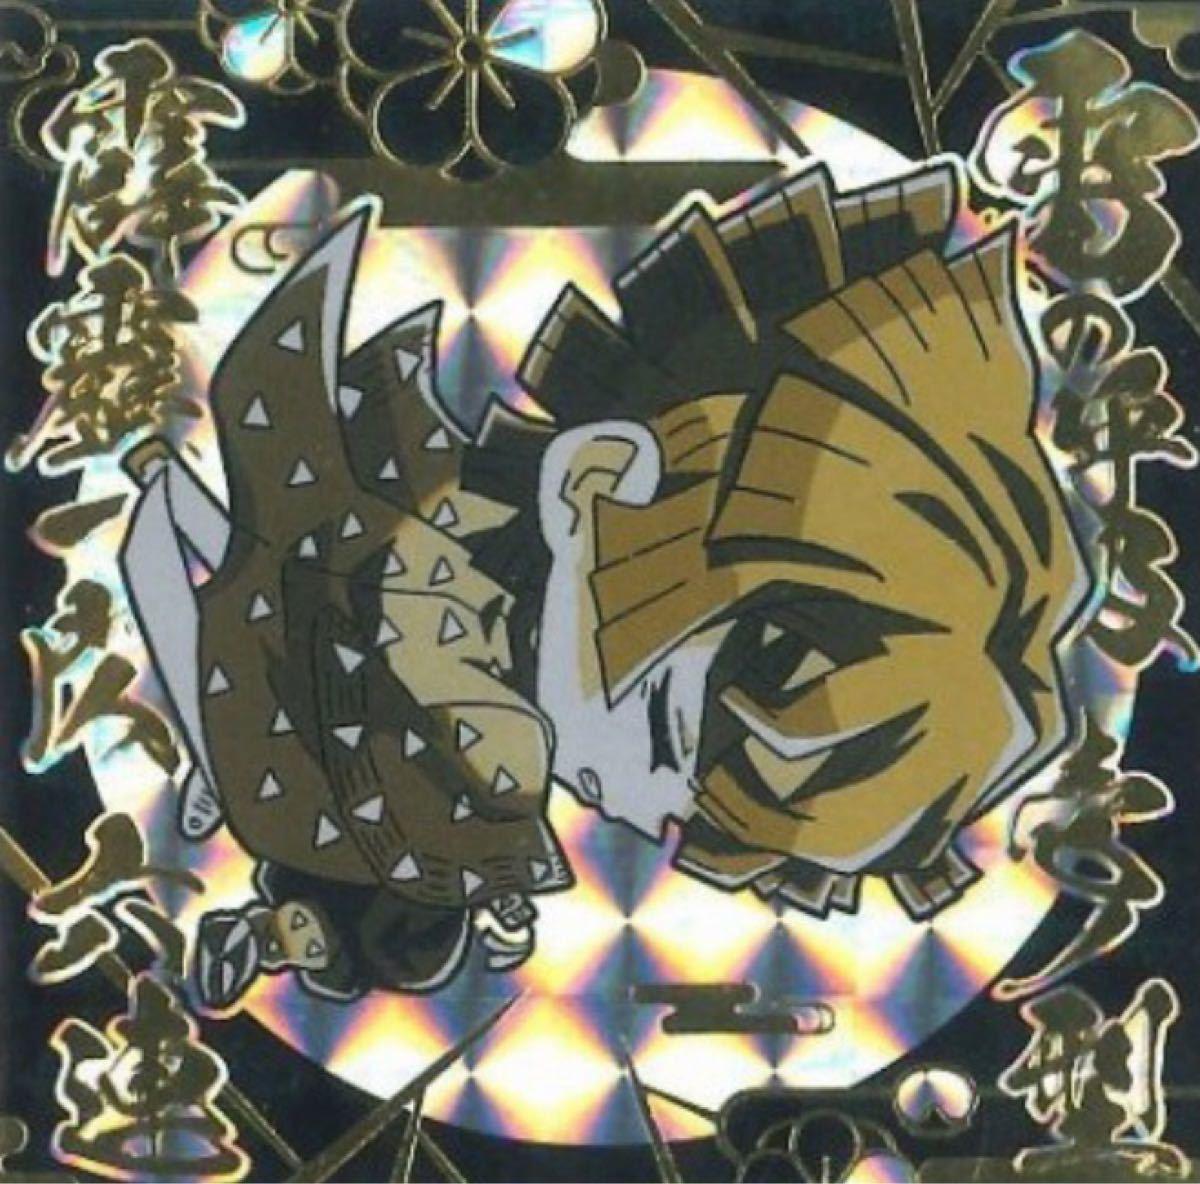 【鬼滅の刃】ディフォルメシール3 ウエハース 其ノ三☆★コンプリート全30種☆★